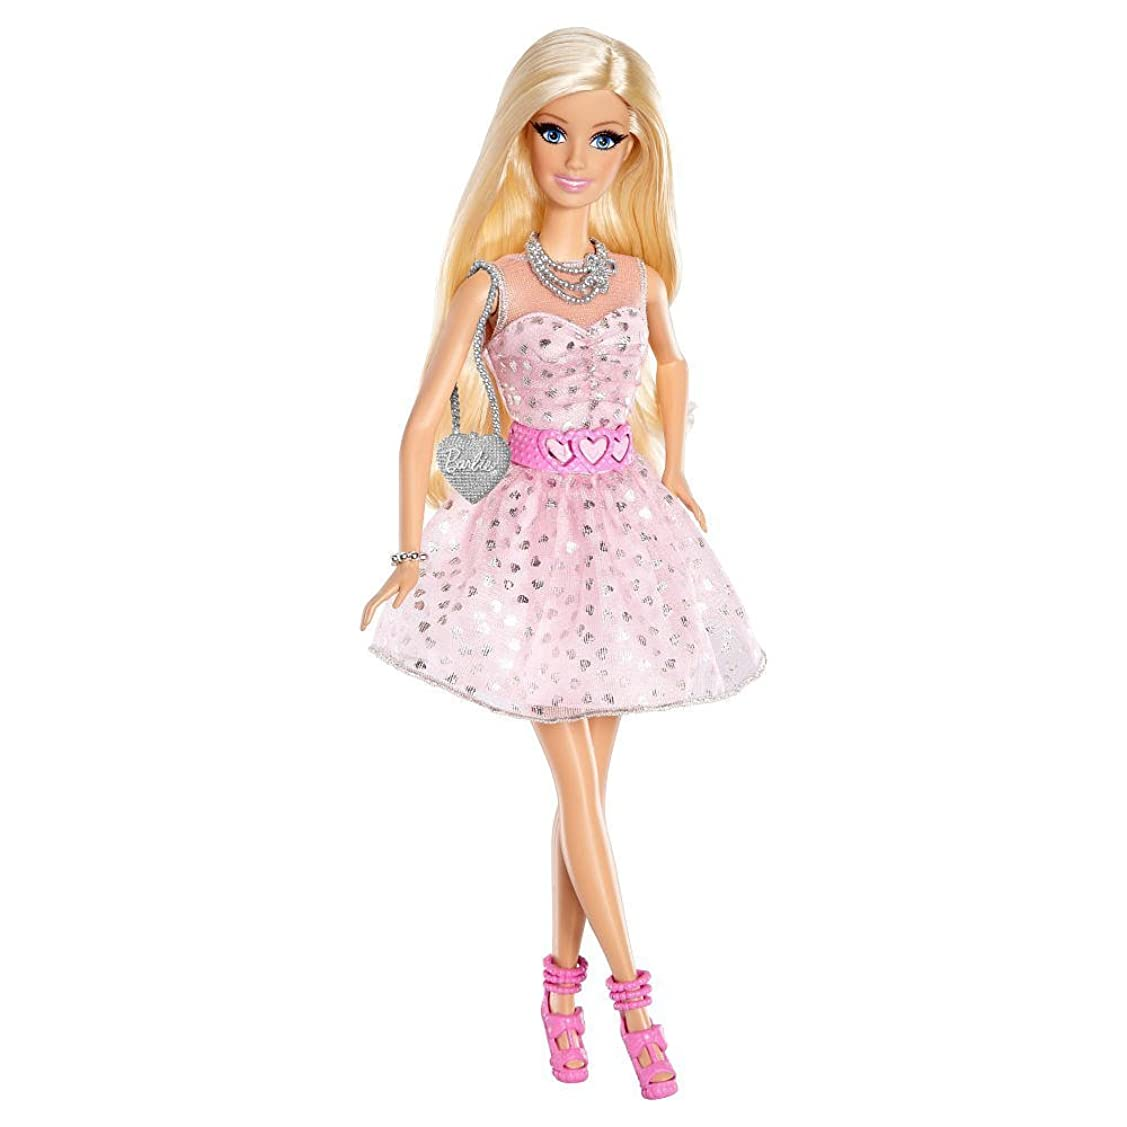 大気風味狂ったBarbie バービー Life in The Dreamhouse Talking Barbie バービー Doll 人形 ドール 【並行輸入】